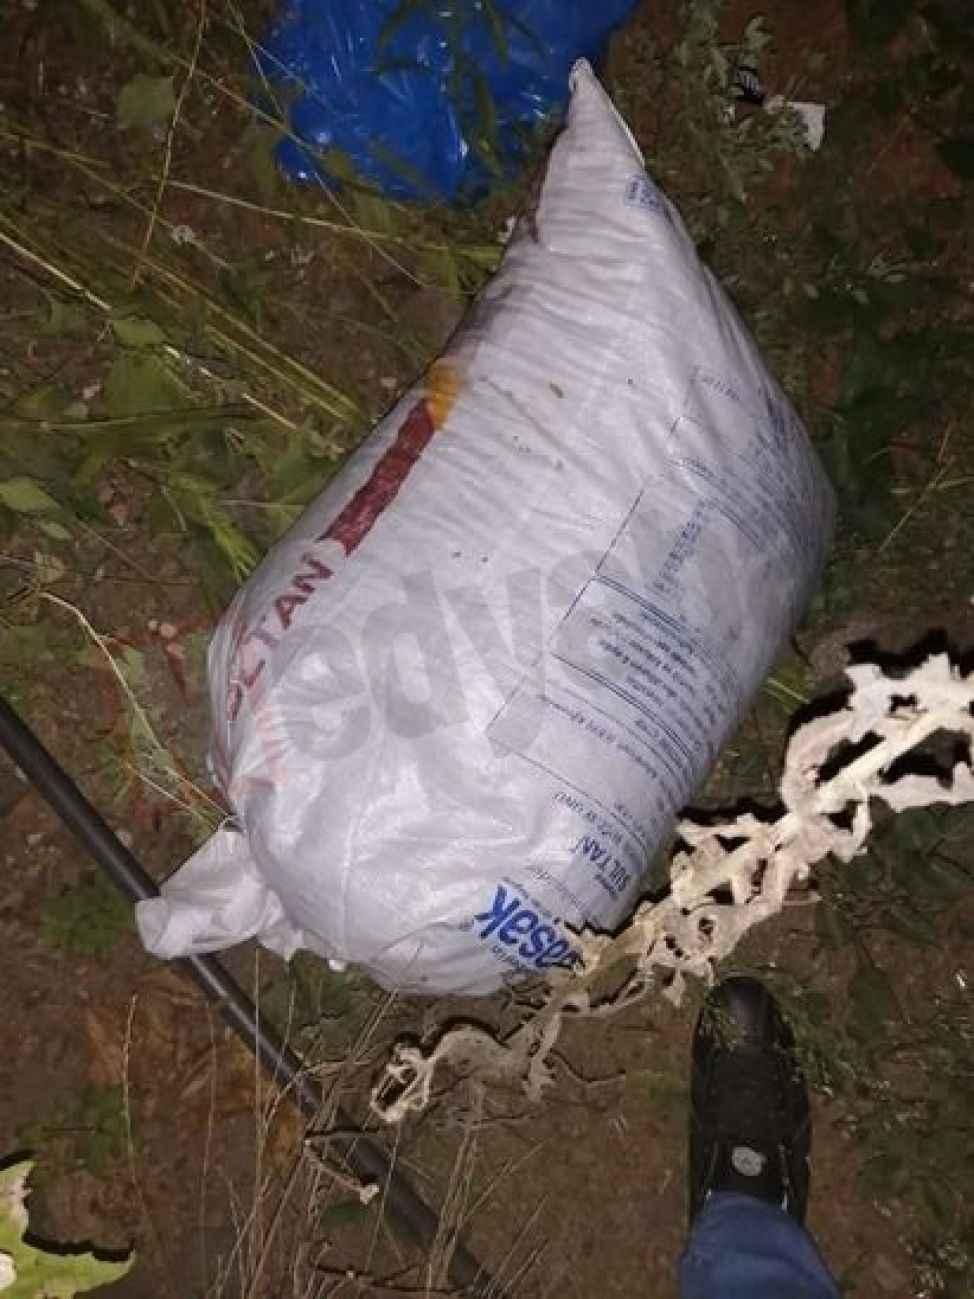 Fındıkları çalıp şantiyede toprağa gömmüşler... Böyle hırsızlık görülmedi!